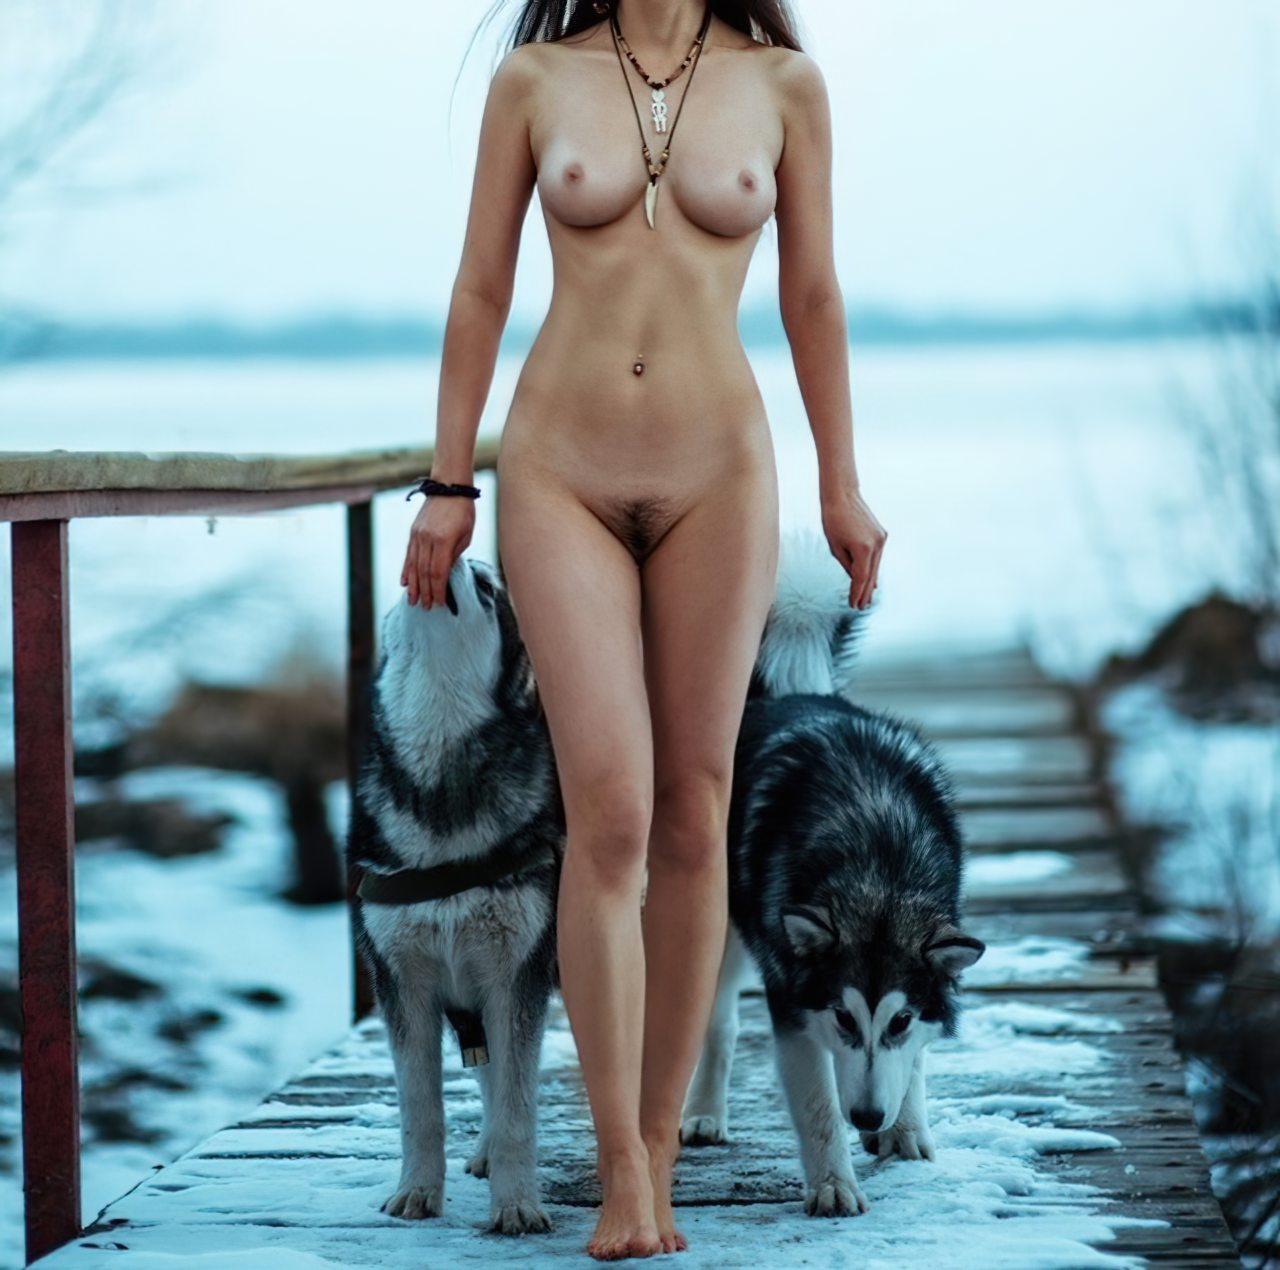 Imagens de Mulheres Nuas (26)